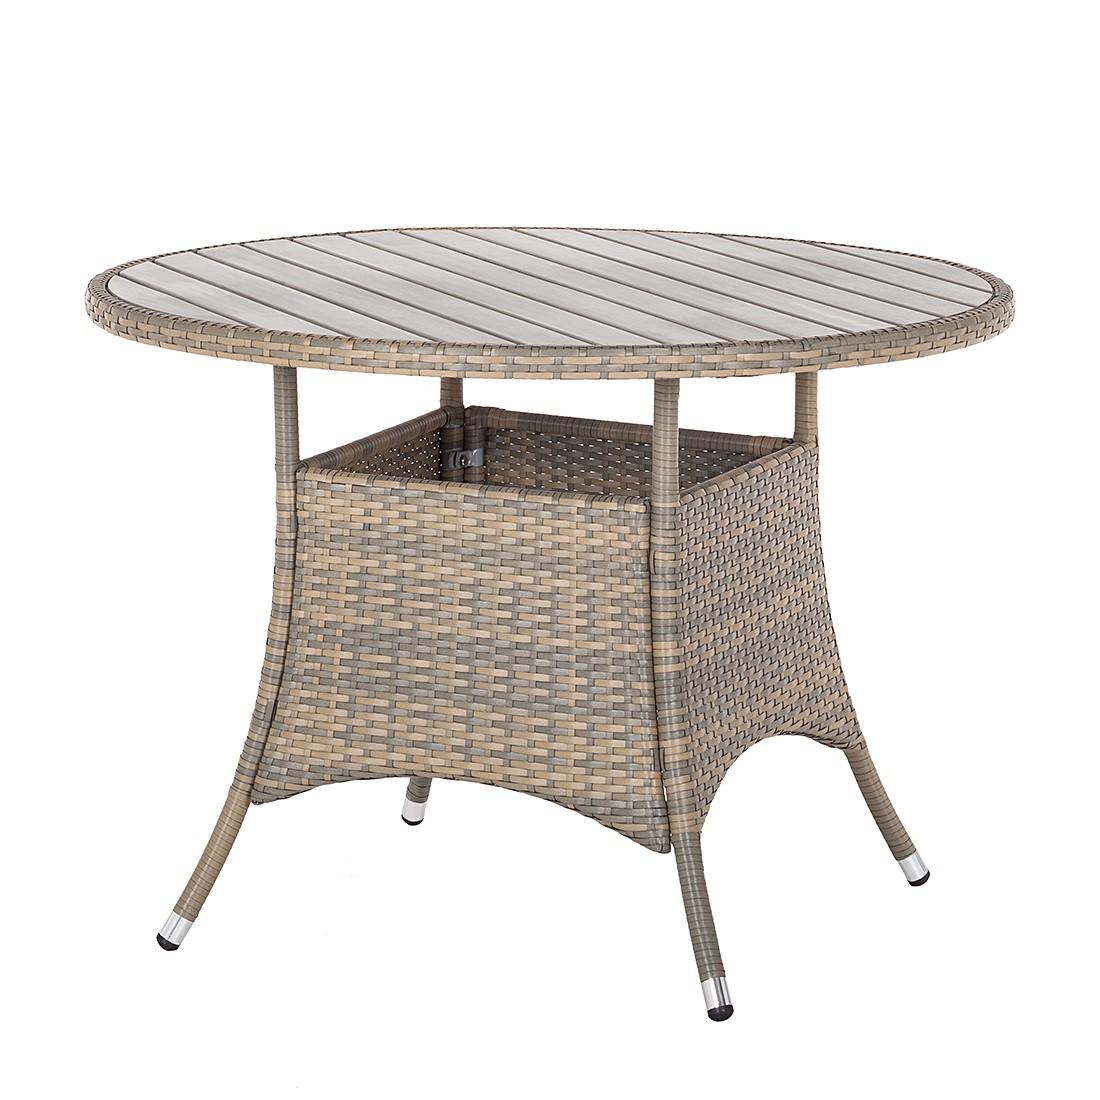 Tavolo da giardino Bena - Polyrattan Color antracite/Derivati del legno Grigio chiaro, Fredriks